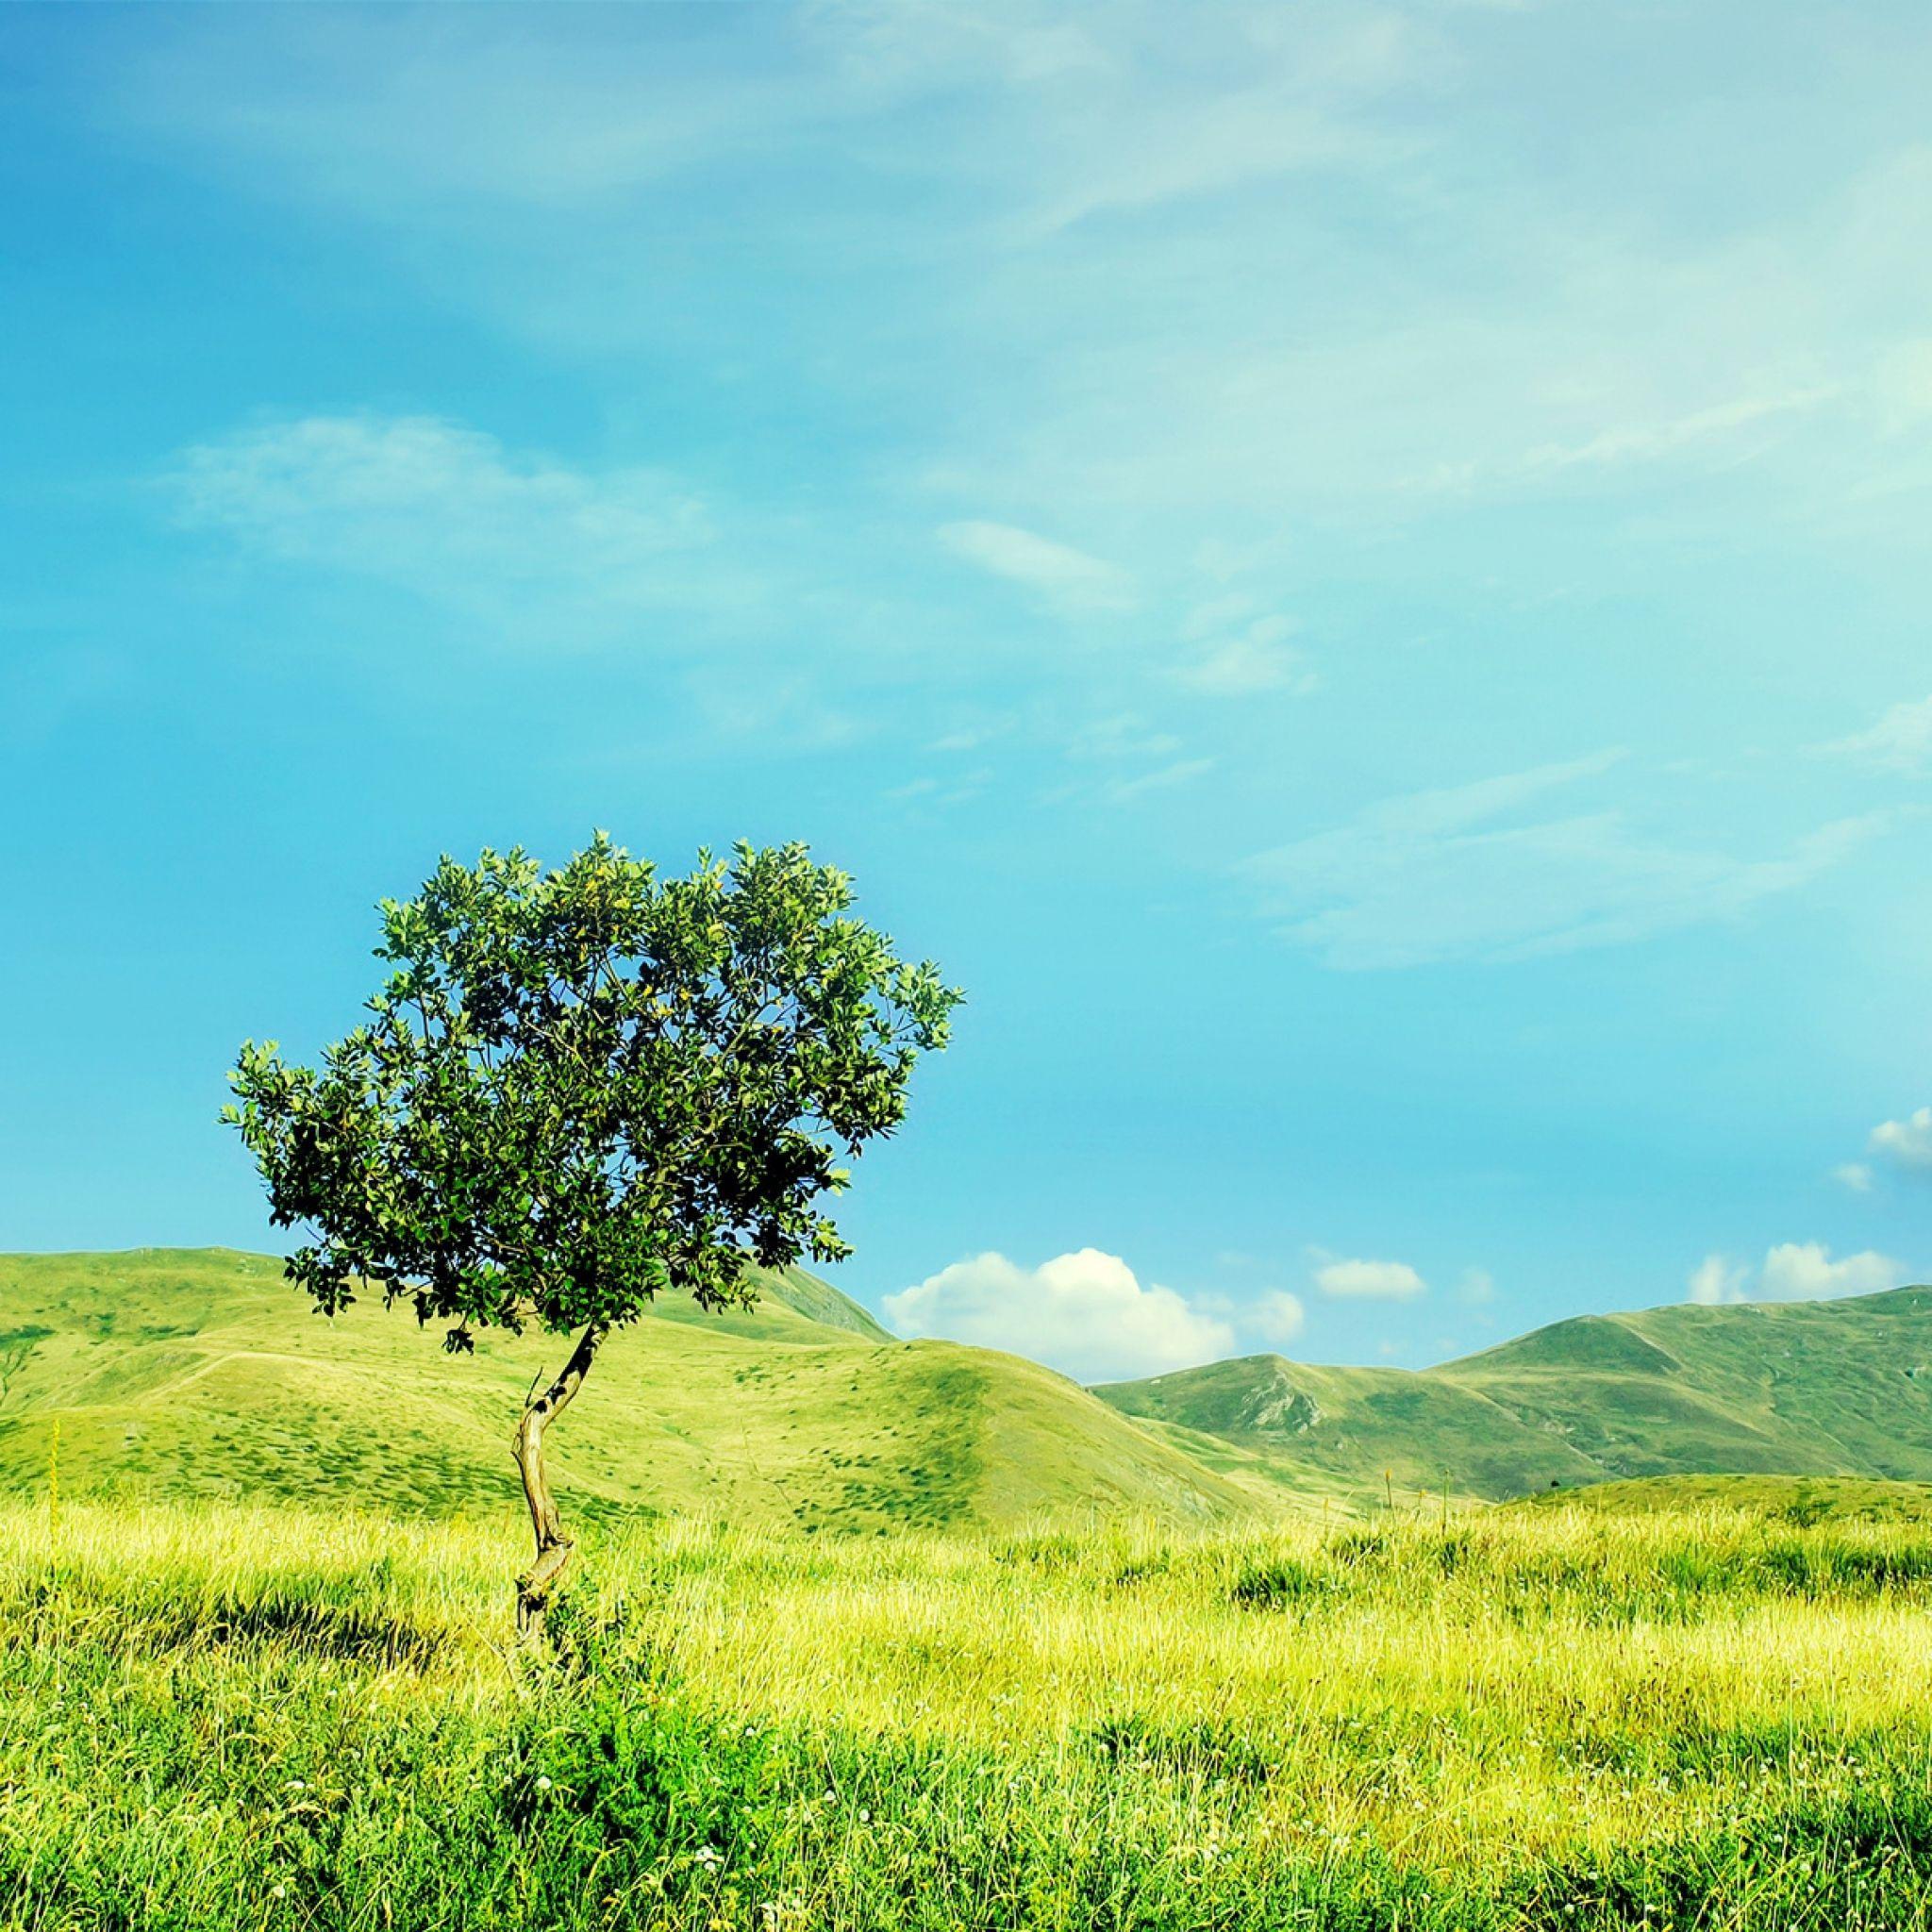 2048x2048 Wallpaper árvore, verão, dia, sozinha, campo, prado